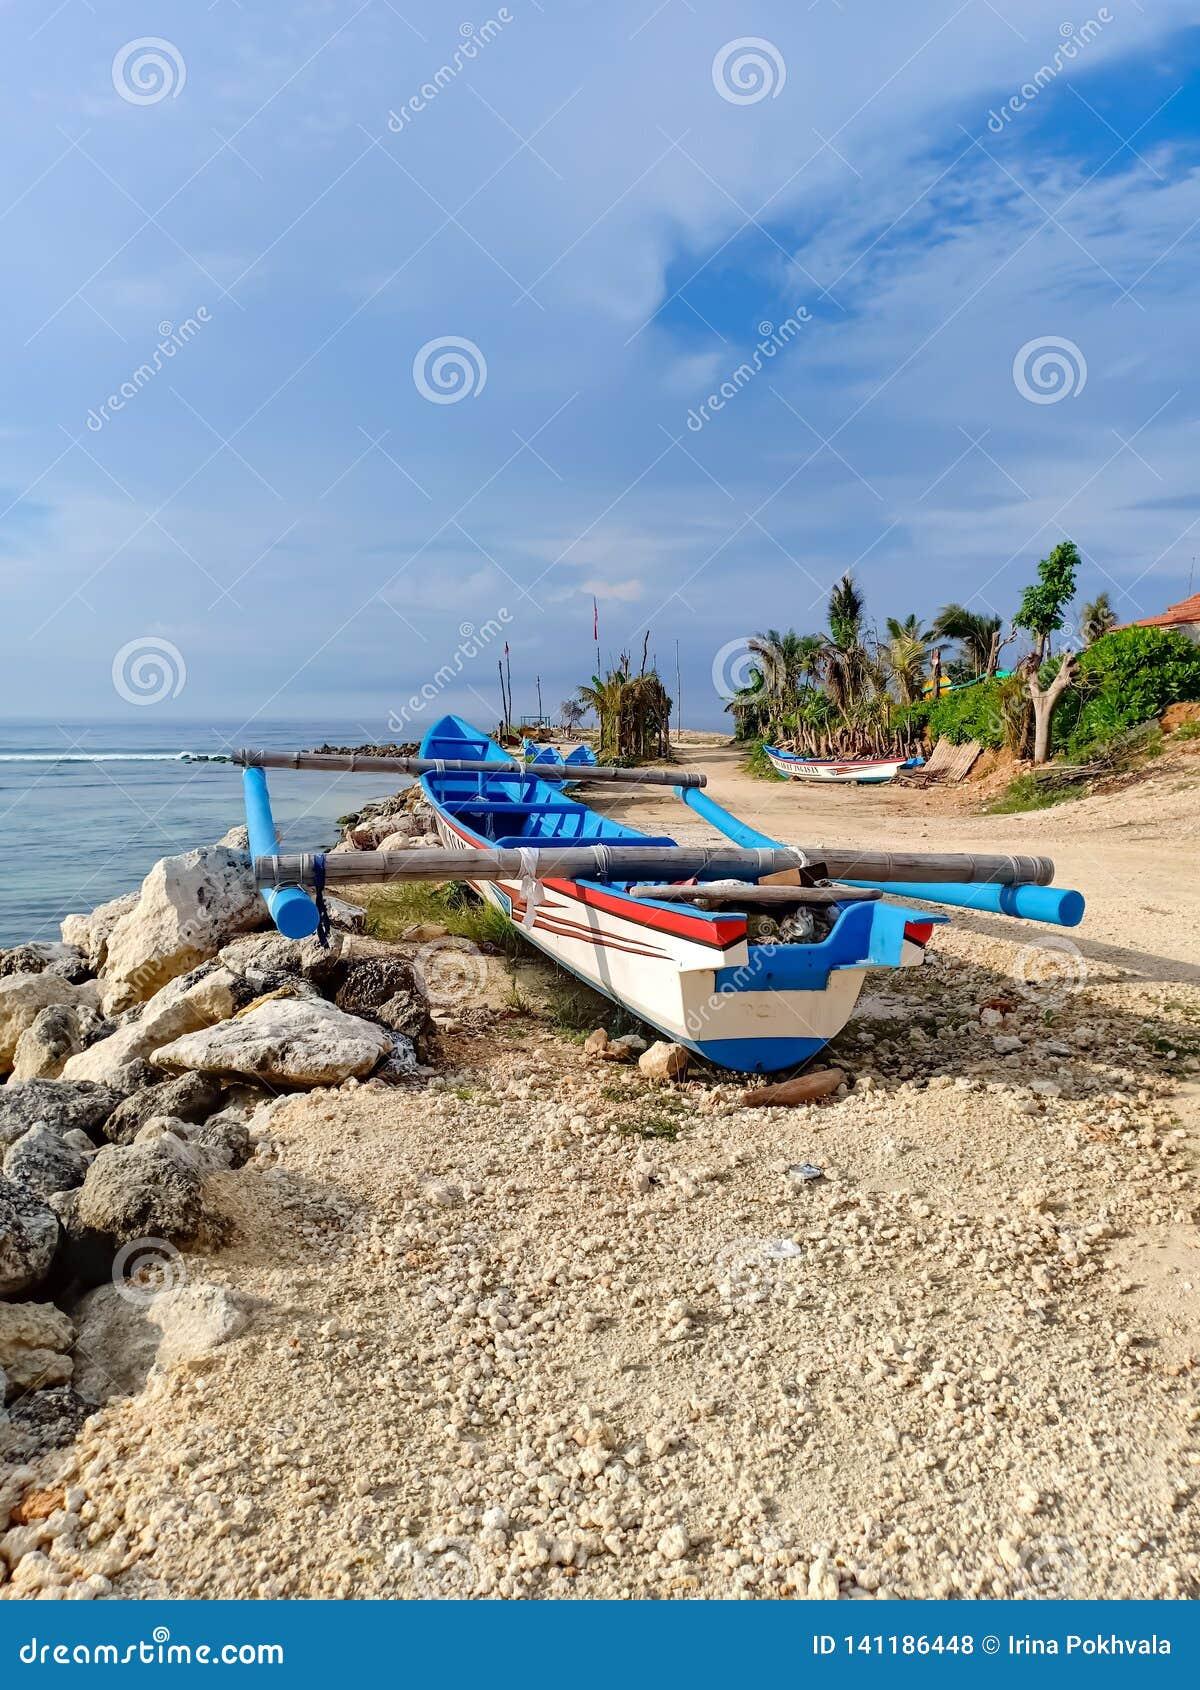 Piroga van de vissersboot op de kust van Indische Oceaan Nusa Dua, Bali, Indonesië